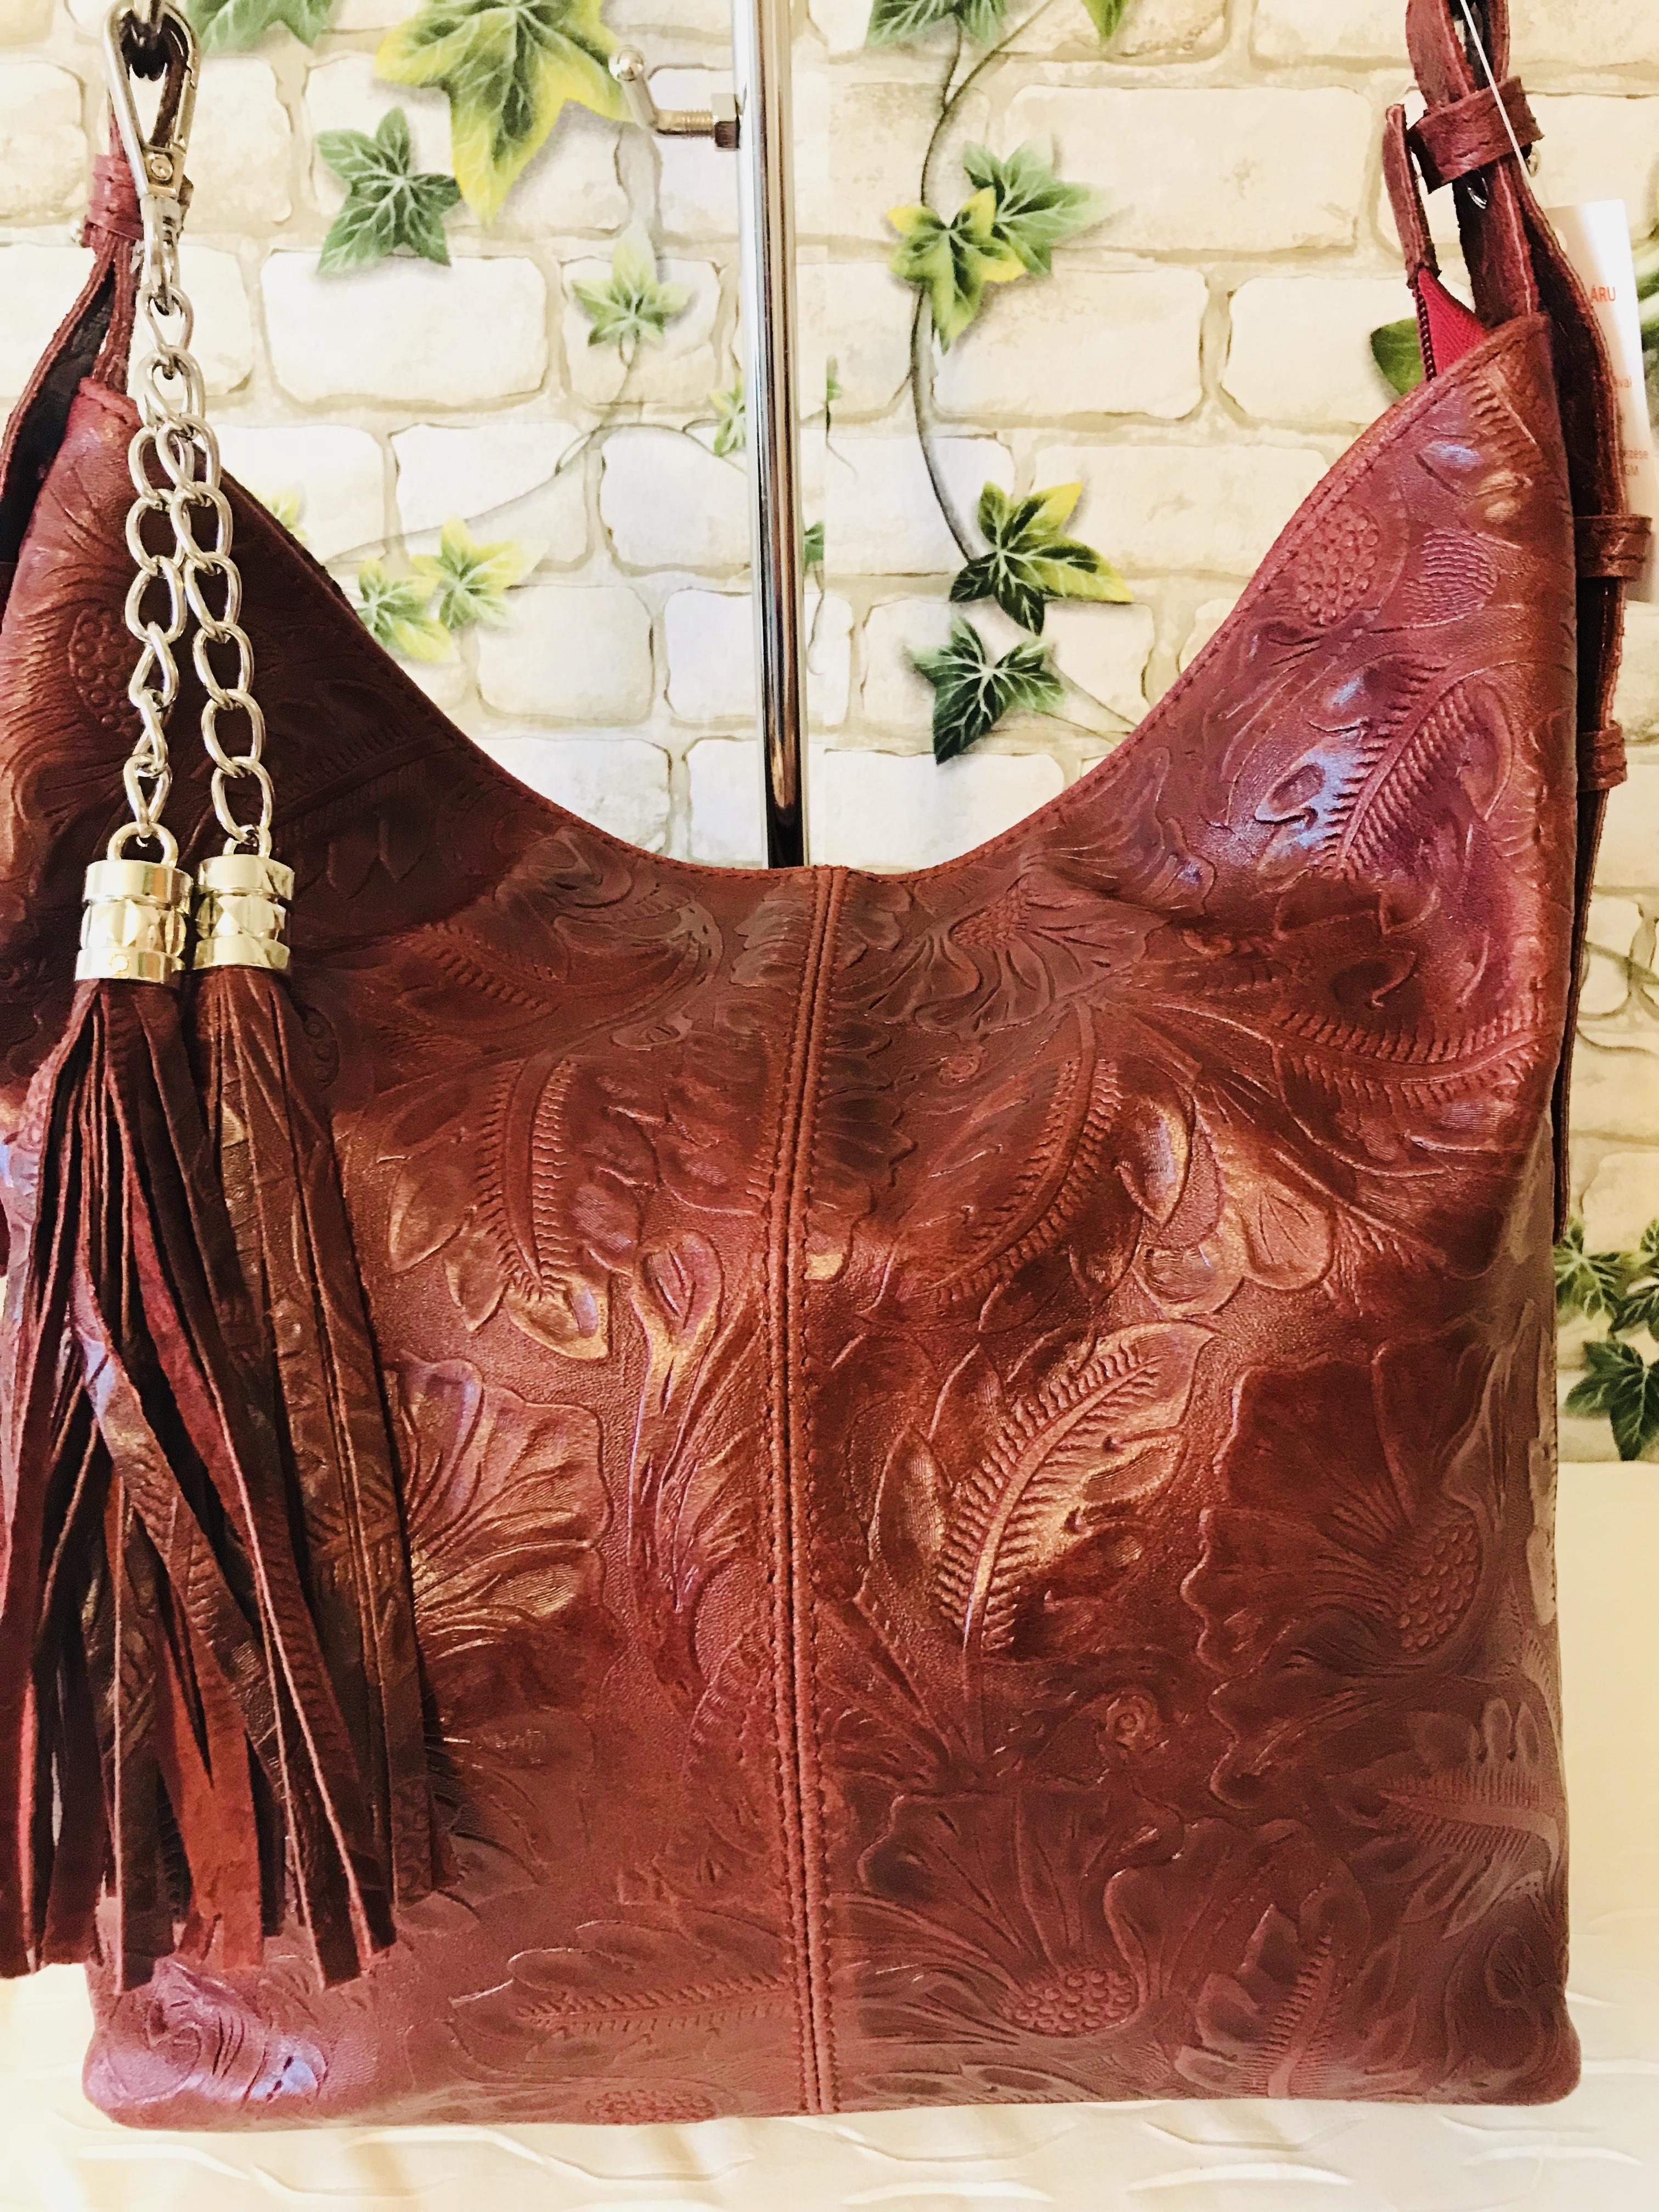 01772734d2 Valódi olasz bőr táska gyönyörű mintával - bordó - Orsi Outlet